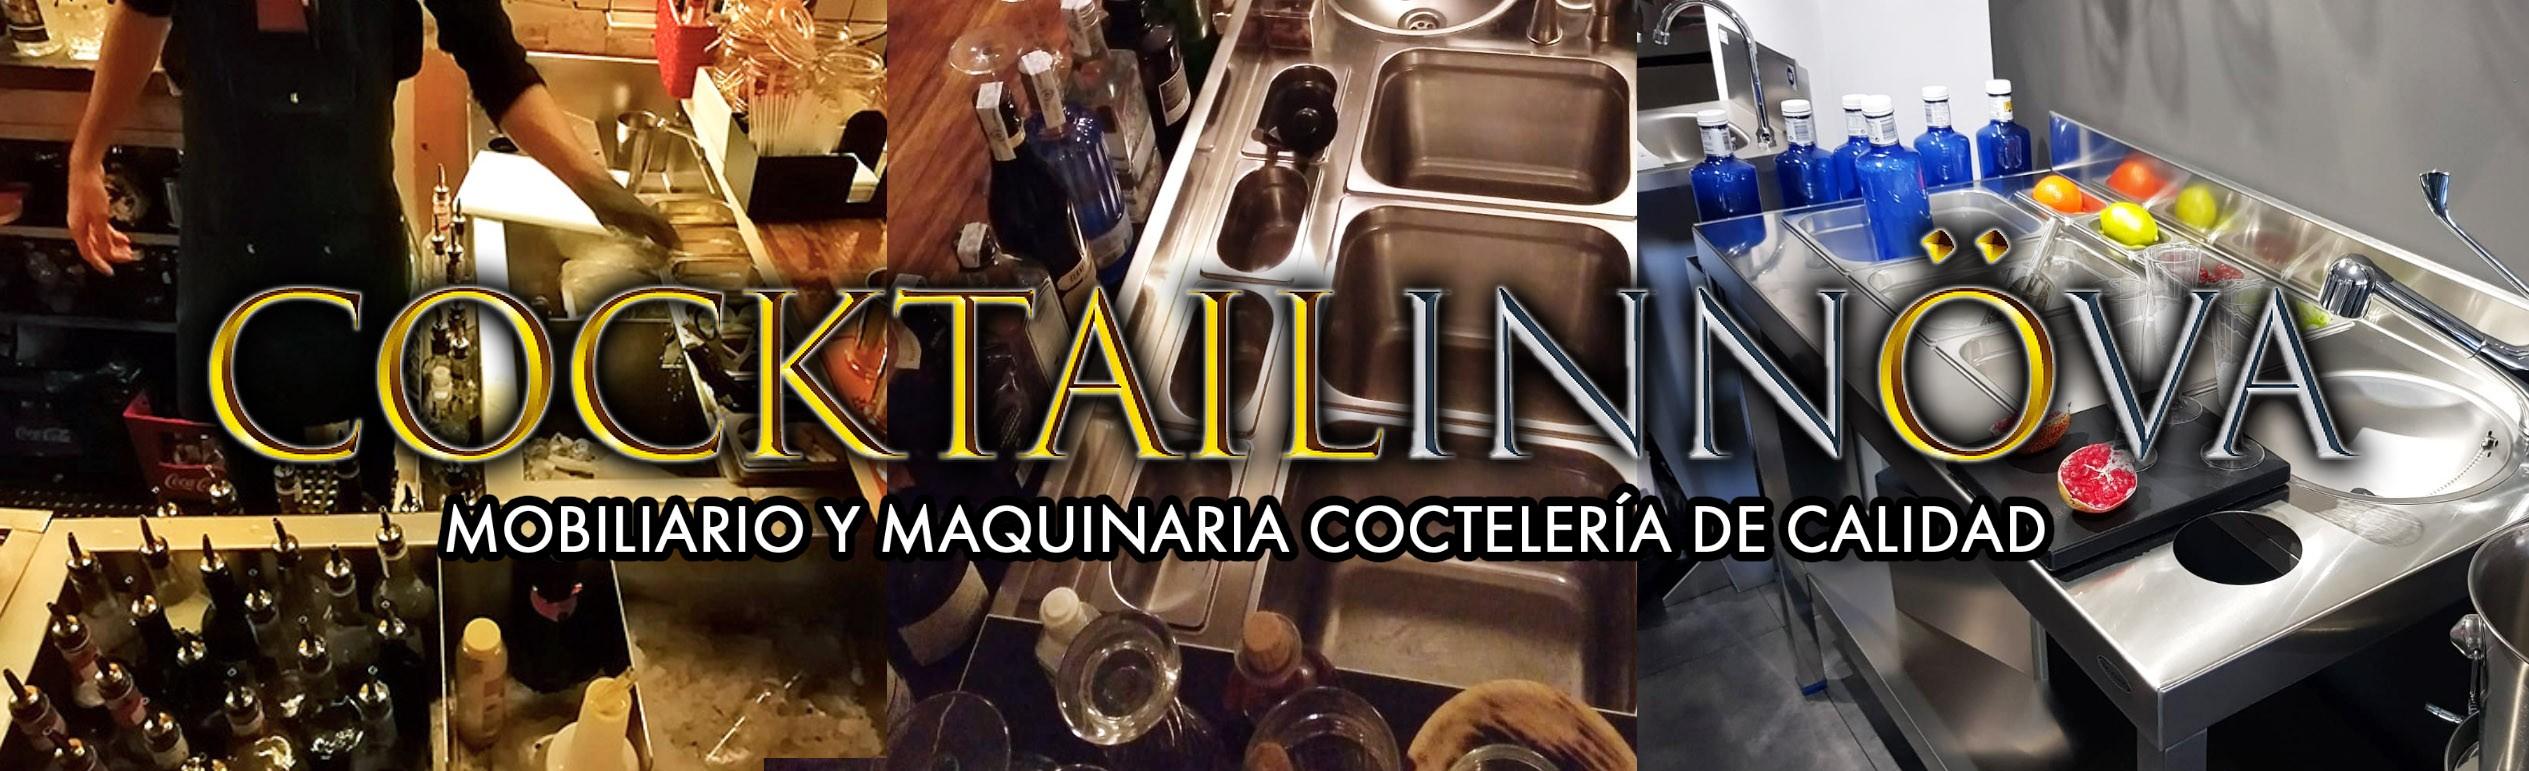 Cocktailinnova realiza el diseño de todo tipo de proyectos de negocios cocteleria instaladores cocktail fabricantes. cocktailinnova-estaciones-barras-mesas-preparacion-cocteleria-cocktail-a-medida-personalizados-mobiliario-madrid-espana-fabricantes-fabricacion-instalacion-proyectos-cocteleria-lujo-premium-particulares-terrazas-restaurantes-hoteles-bares-iluminacion-led-maquinaria-accesorios-utensilios-para-barman-bartenders Cocktailinnova realiza el diseño de todo tipo de proyectos de negocios de coctelería cocktail en España y Portugal. Nuestros consultores especializados en negocios o empresas dedicadas a la coctelería lleva a cabo la implementación de barras con estaciones de coctelería cocktail y mesas de preparación para negocios del sector de coctel. En definitiva, disponemos de un servicio integral para realización de barras de coctelería y cocktail en restaurantes, discotecas, terrazas, pubs, hoteles, etc. Y para ello, disponemos de fábrica propia dónde podremos desarrollar y fabricar cualquier tipo de mobiliario accesorios maquinaria menaje y útiles utensilios necesarios en la coctelería cocktail cóctel. Por último, también desarrollamos proyectos de coctelería en casas particulares chalets y terrazas con mobiliario barras estaciones o mesas de preparación o carros de coctelería en acero inoxidable con iluminación led y otros tipos de materiales premium de lujo luxury. Somos profesionales de la coctelería. Consúltenos. Trabajamos en toda España, ya sea en la comunidad de madrid, castilla la mancha, castilla y león, comunidad valenciana, galicia, asturias, canarias, baleares, cantabria, país vasco, cataluña, aragón, la rioja, navarra, andalucía, extremadura, región de murcia, ceuta, melilla, baleares, canarias y también en todas las provincias españolas y capitales de provincia como pueden ser madrid, barcelona, valencia, castellón, alicante, zaragoza, toledo, avila, salamanca, león, zamora, teruel, soria, cáceres, badajoz, málaga, almería, sevilla, córdoba,